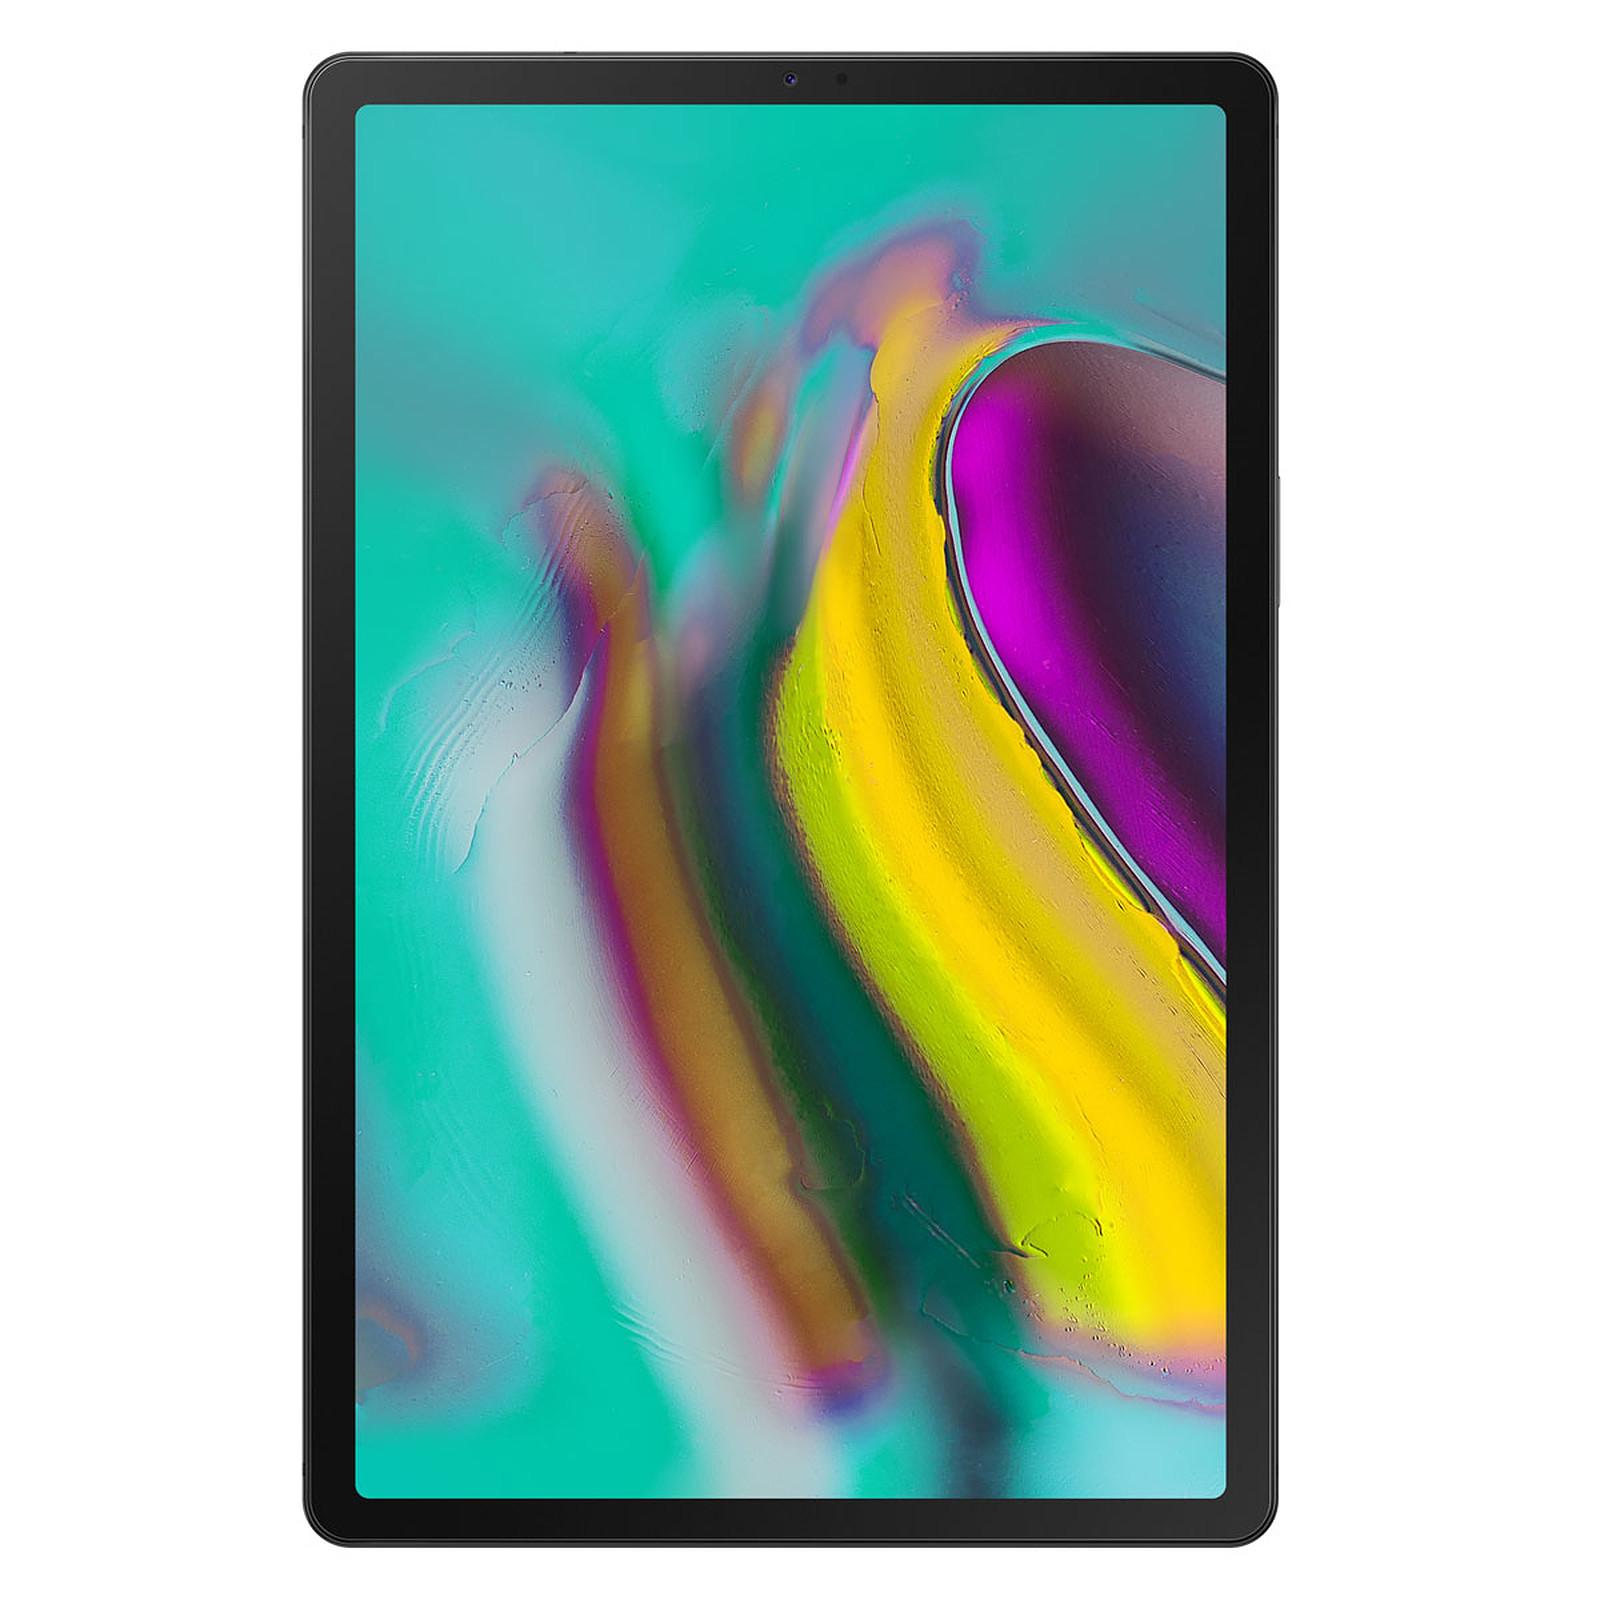 """Tablette 10.5"""" Samsung Galaxy Tab S5e Wi-Fi - Super Amoled, 2560x1600, RAM 4Go, 64Go"""